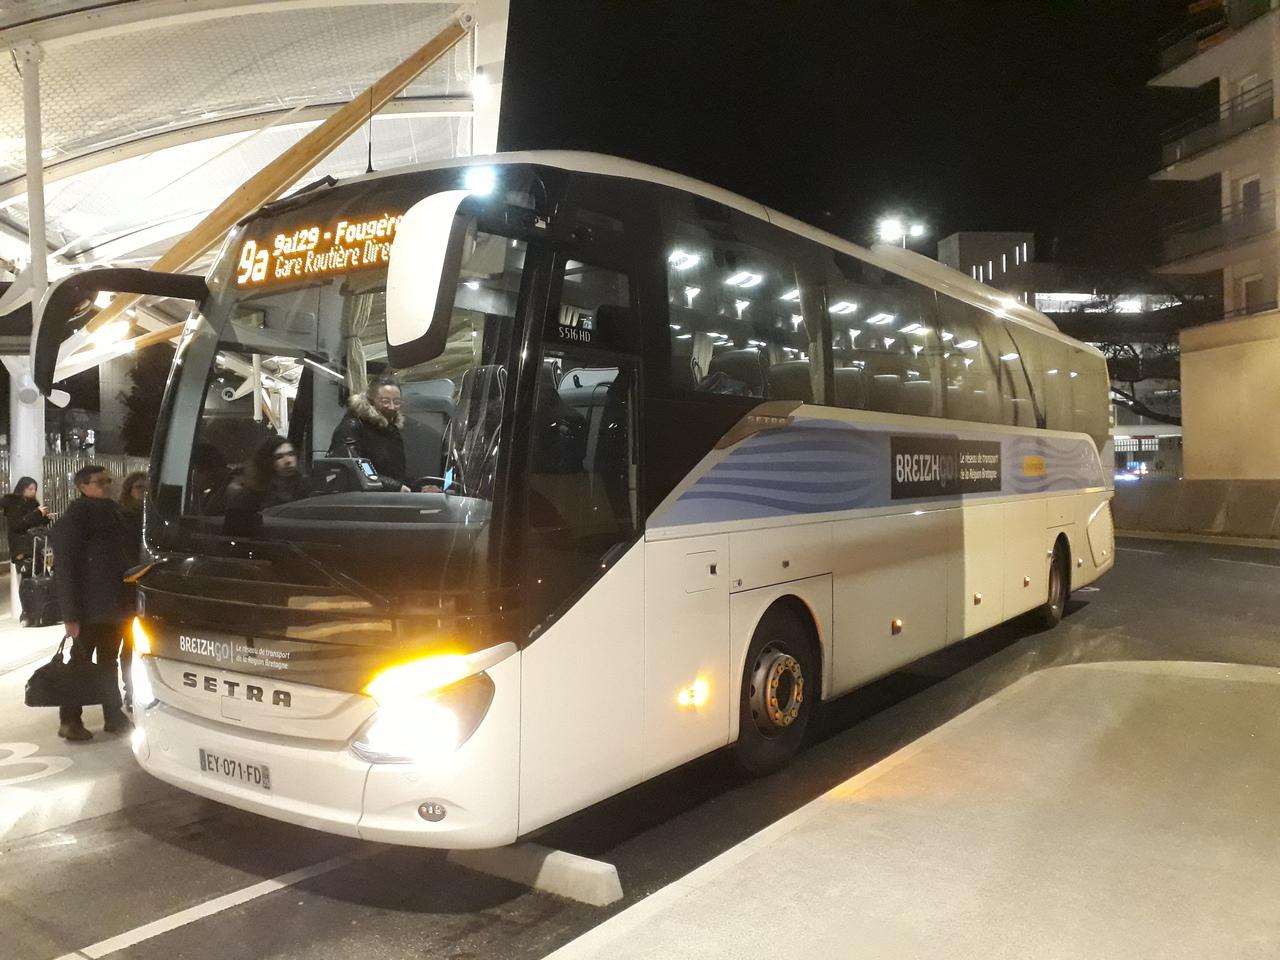 Transports. Entre Rennes et Fougères, une ligne de cars à haut niveau de service 1812020437338967516021530